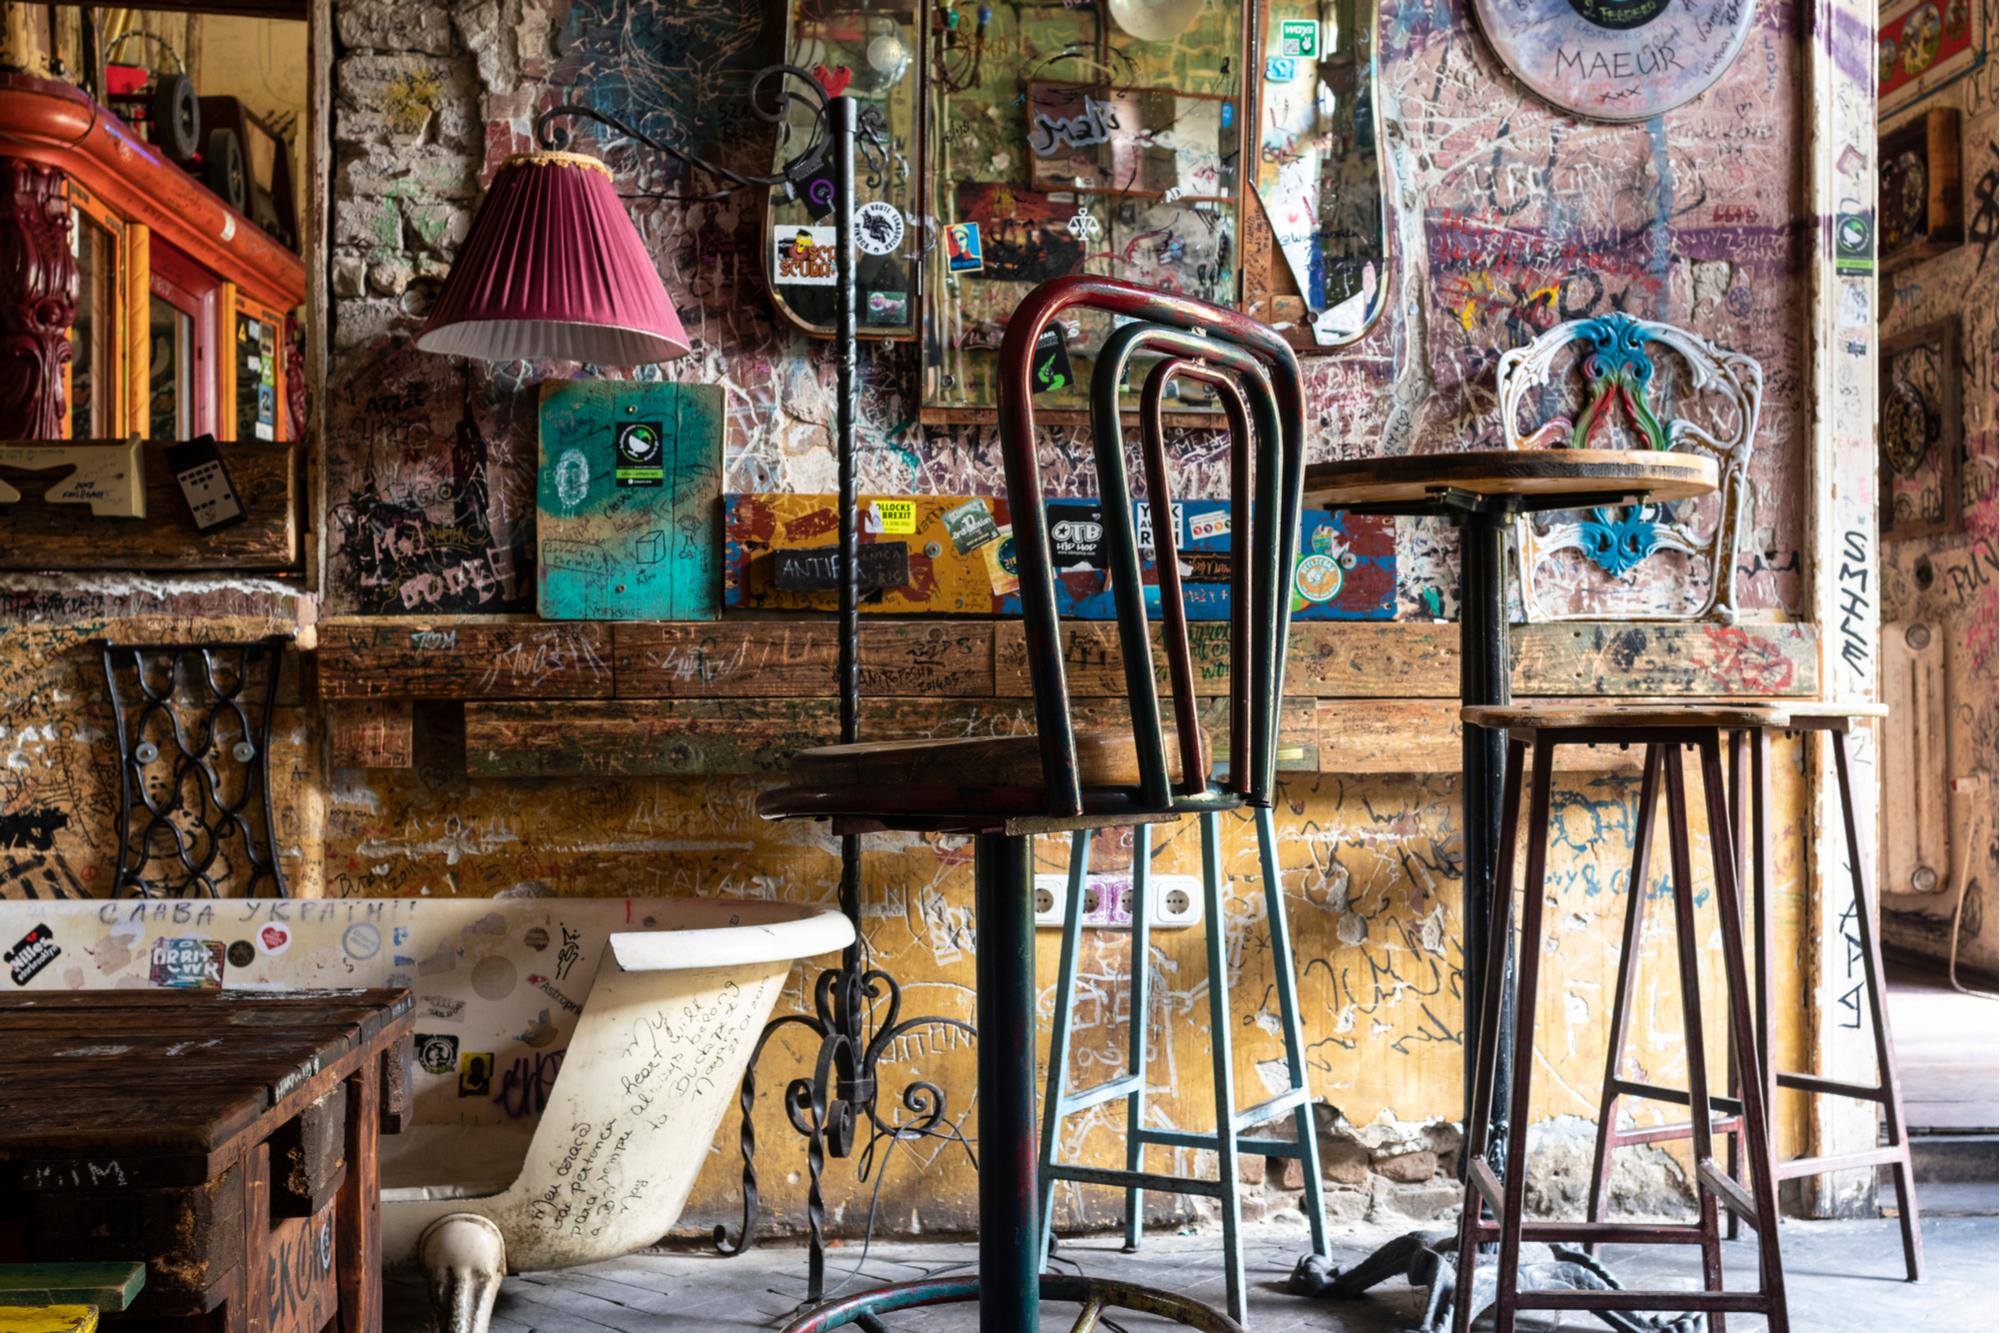 Ruin pub in Budapest